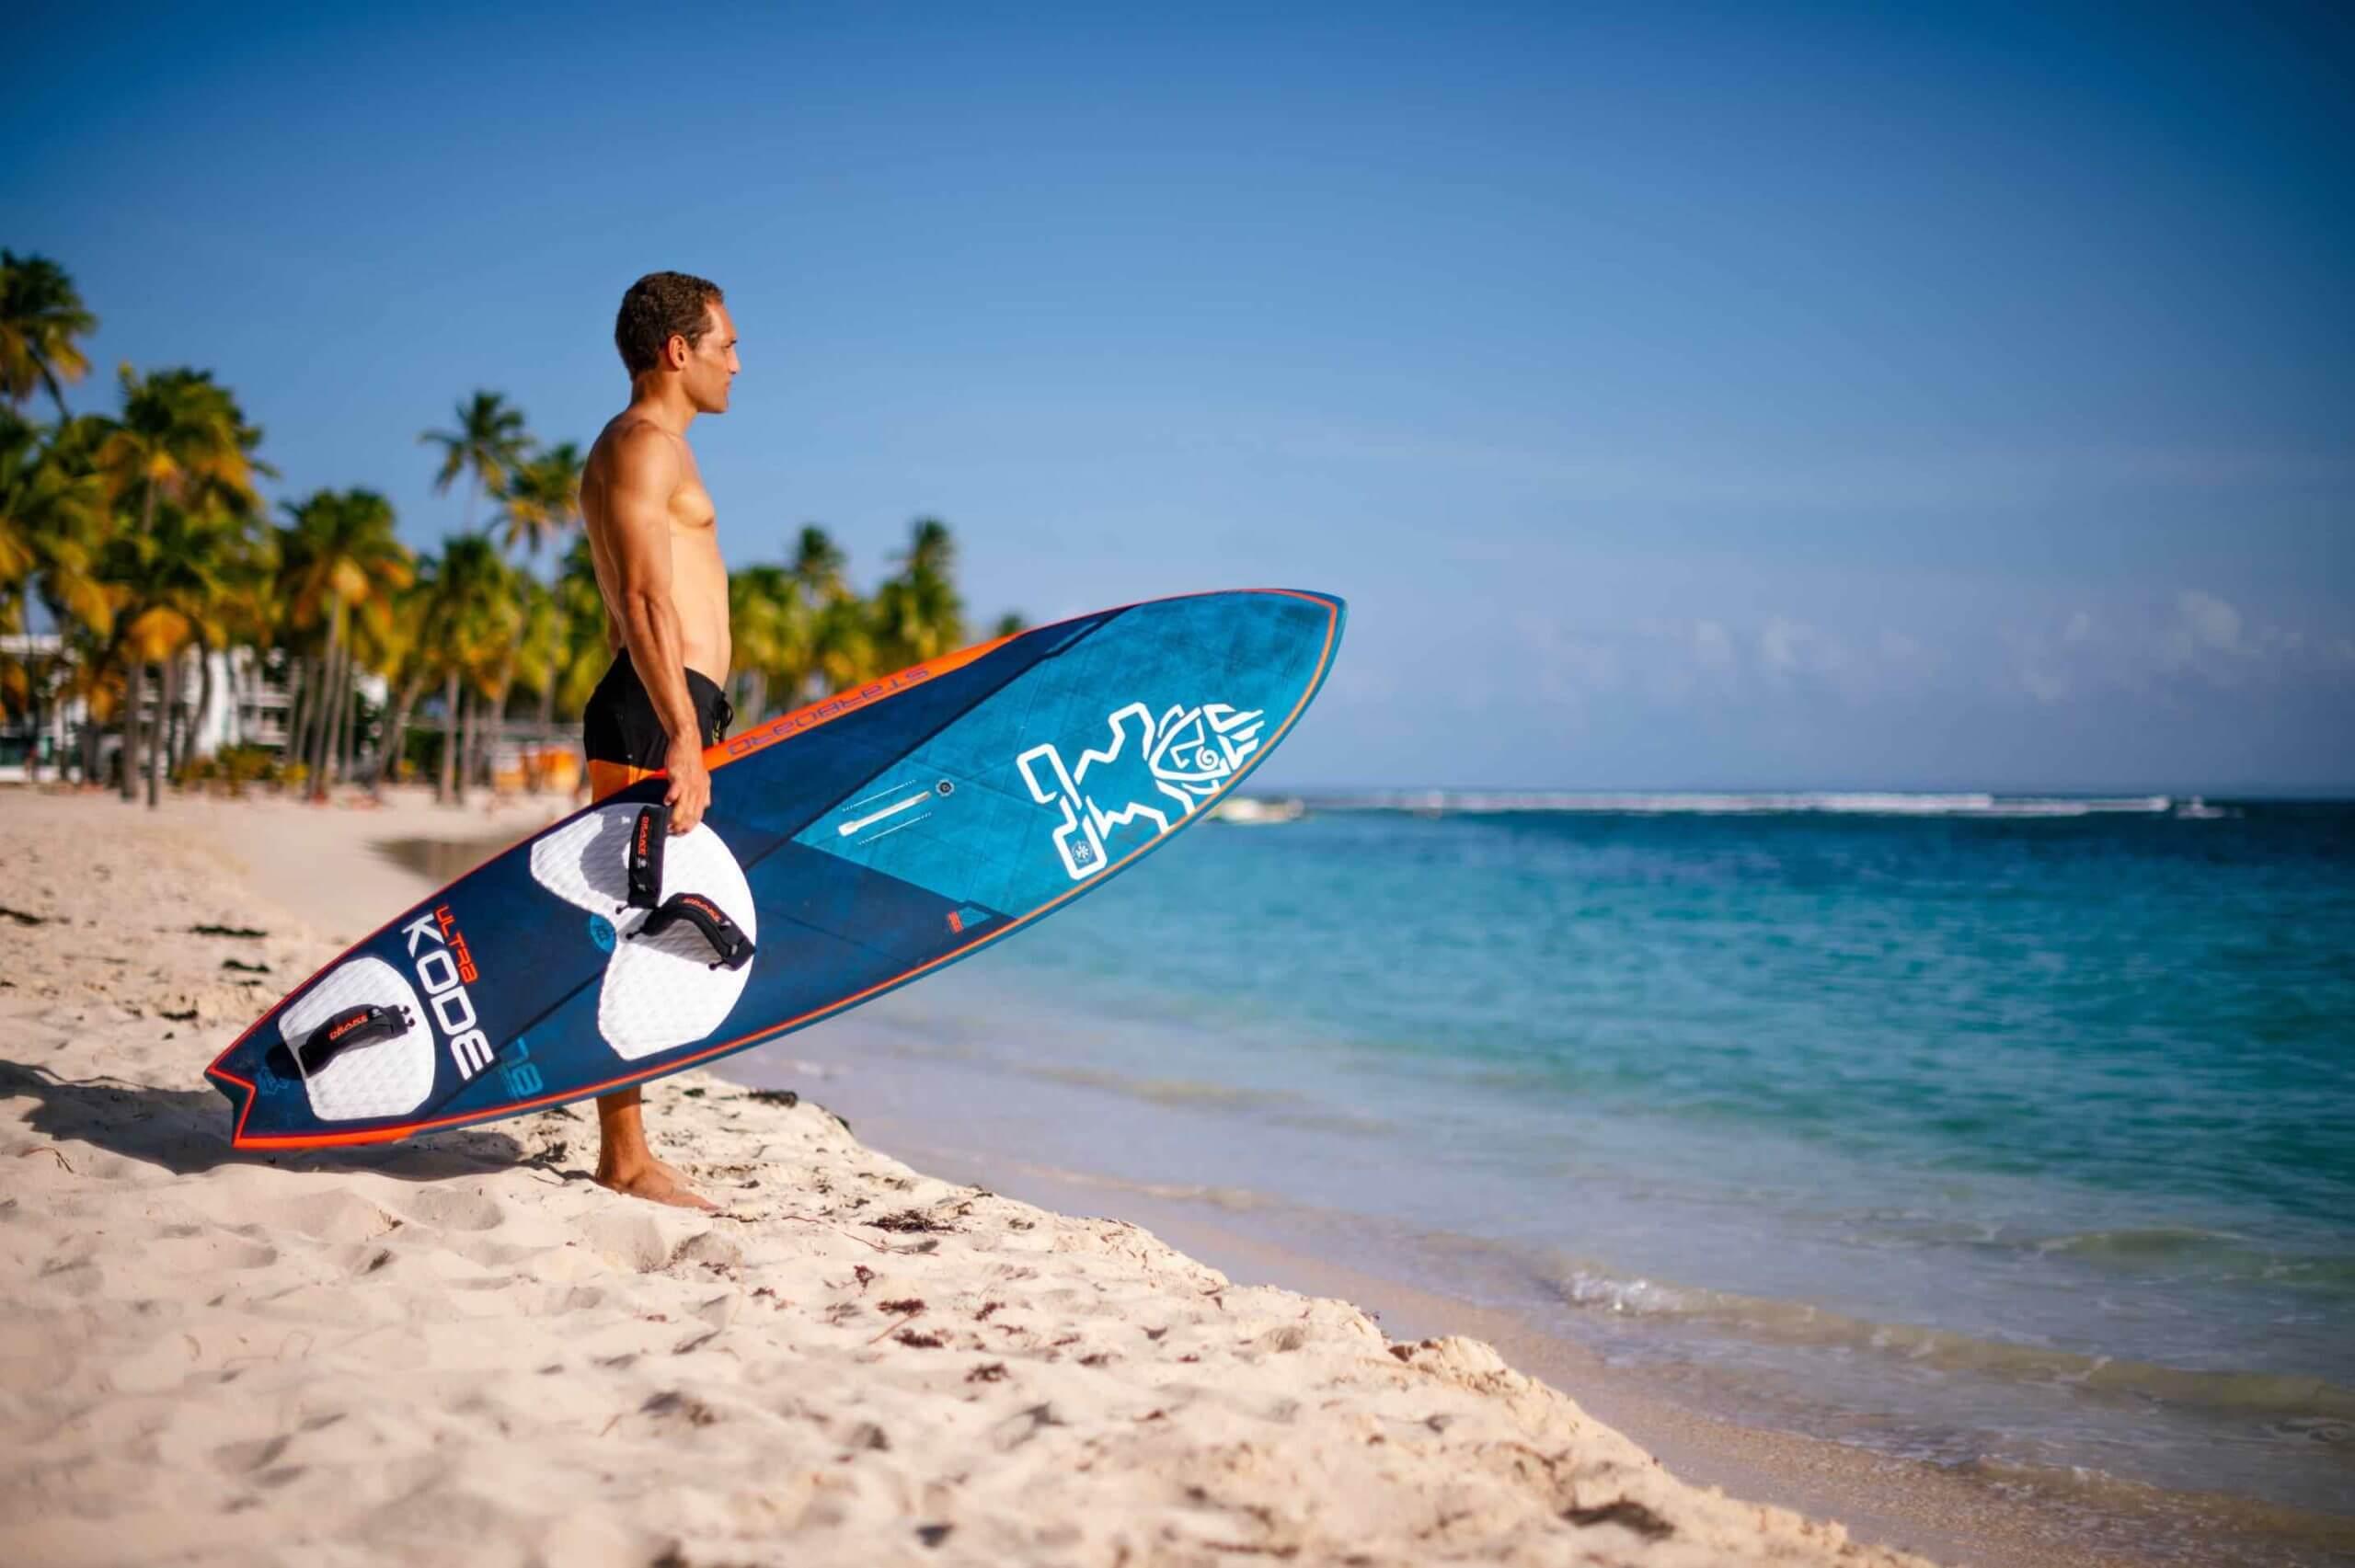 Antoine Martin Joins Starboard´s Dream Team - 2 - Windsurf